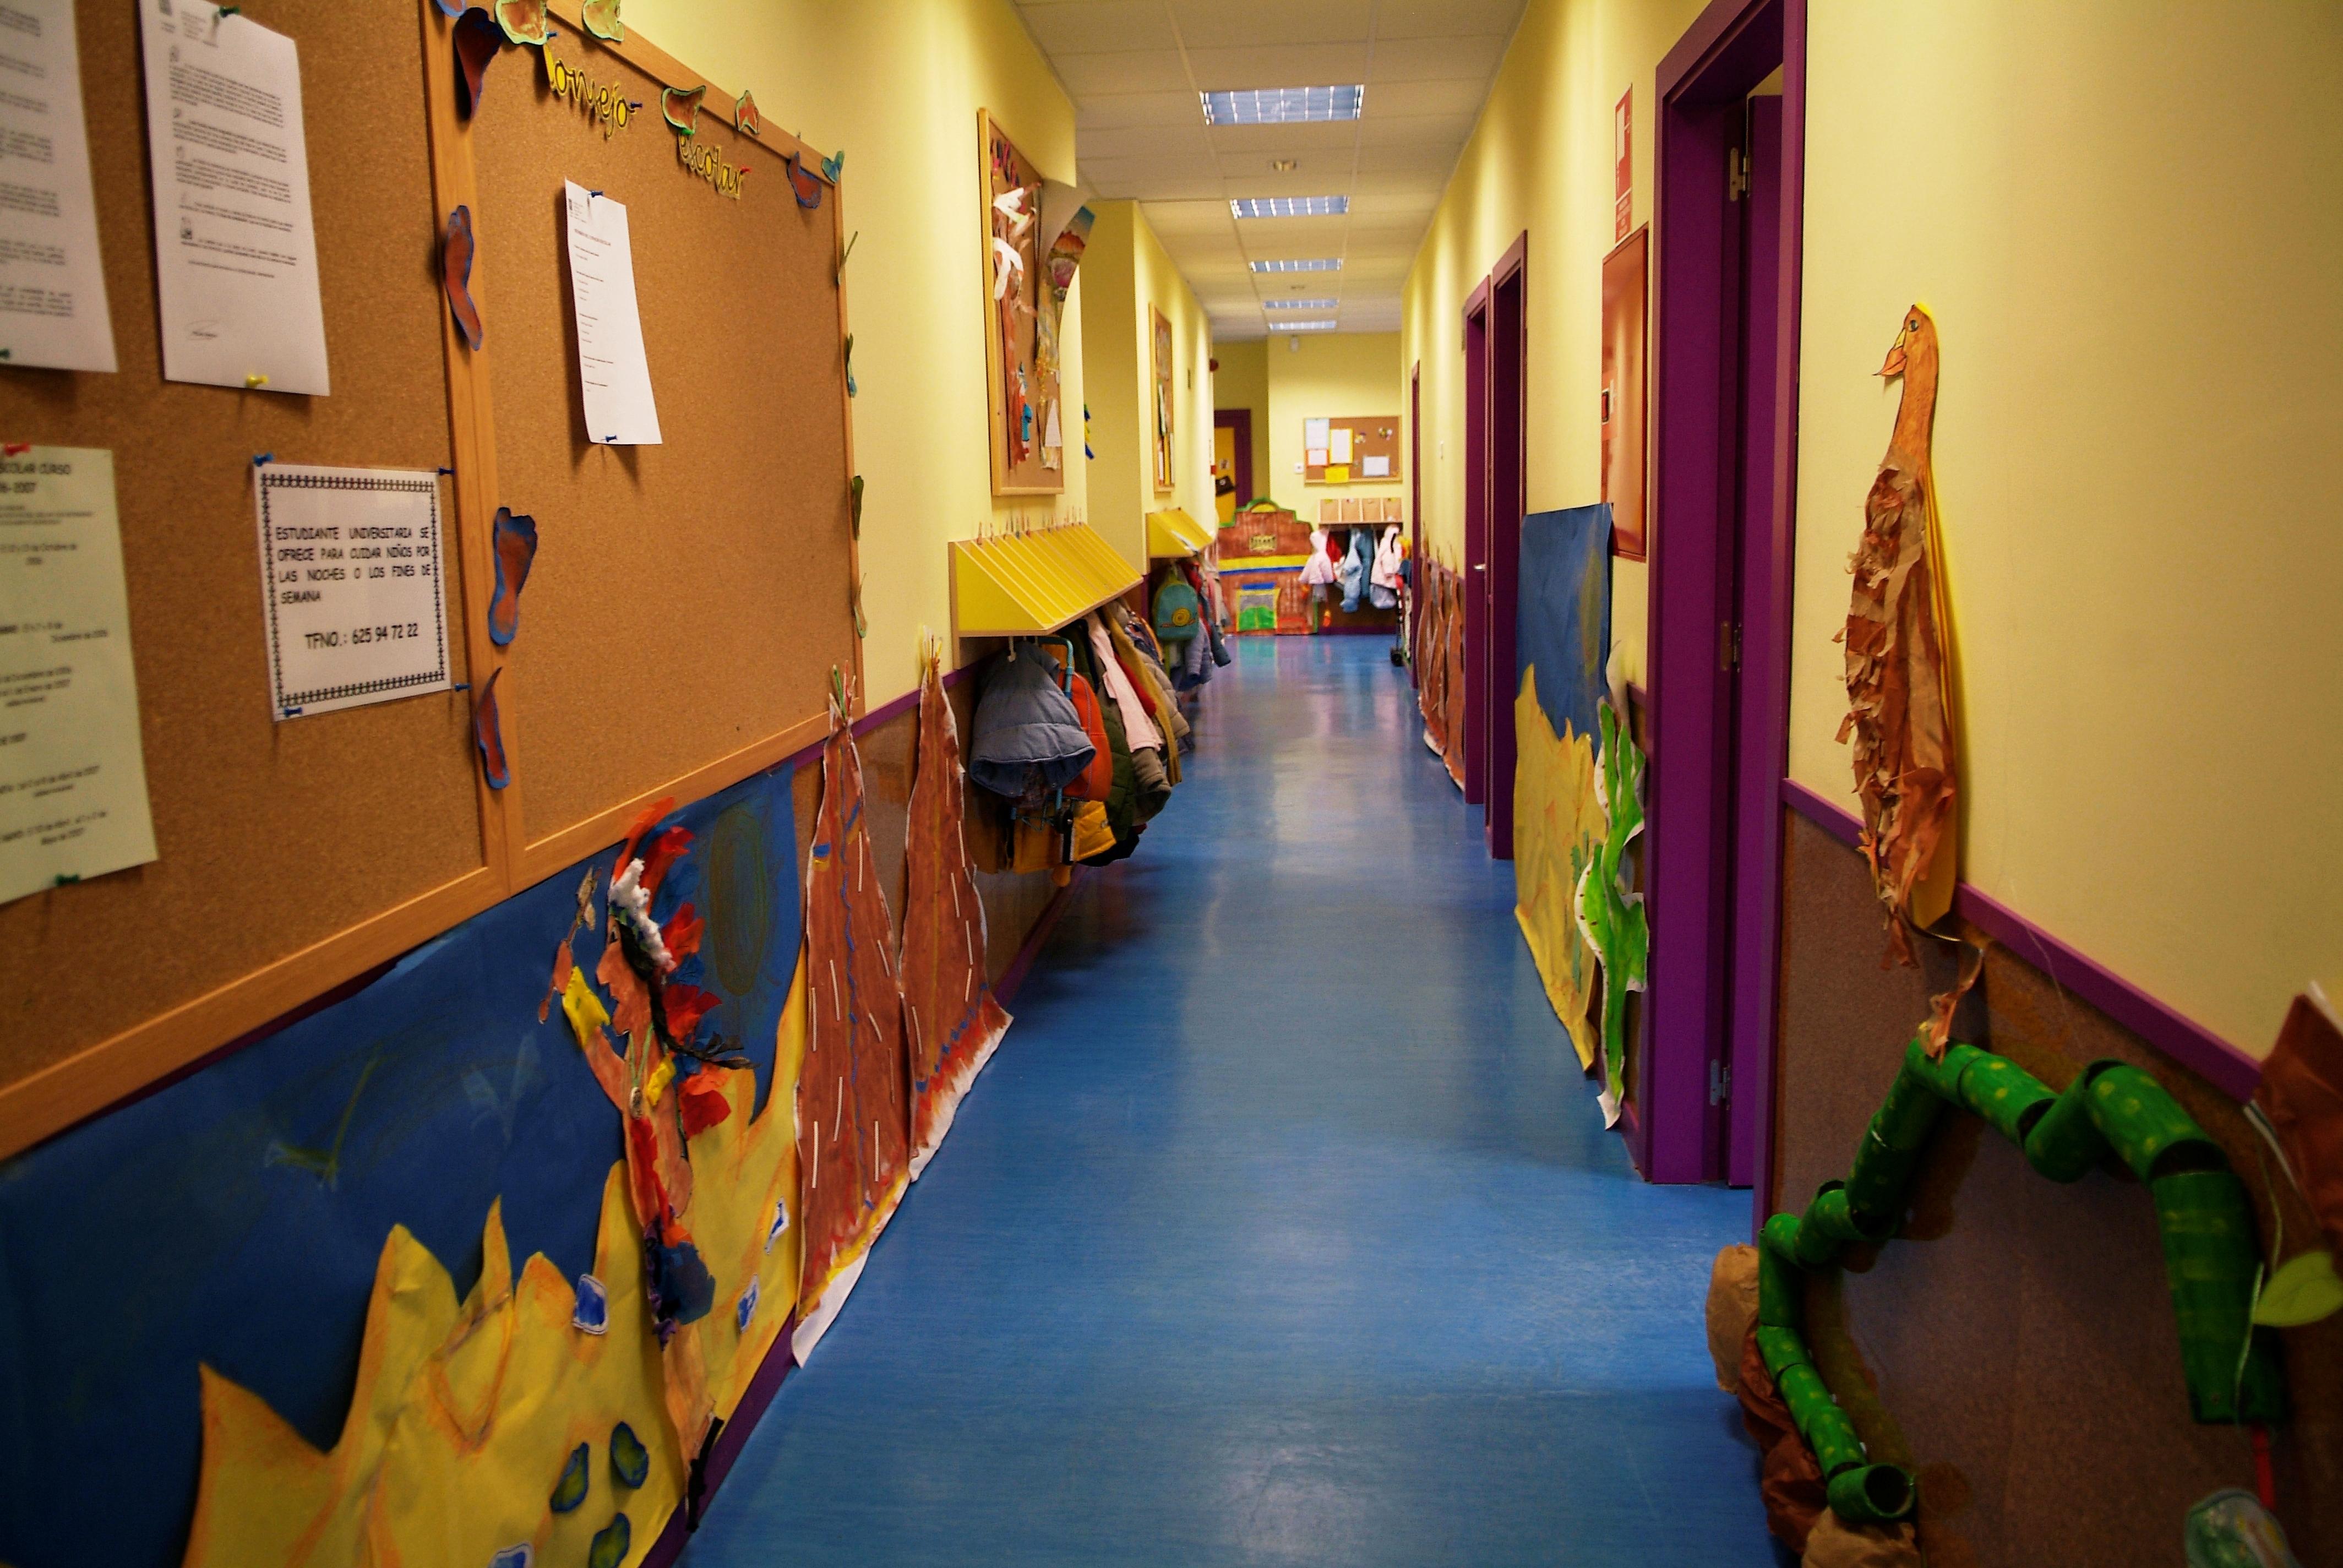 El psoe pide m s escuelas infantiles p blicas en pozuelo - Escuelas infantiles pozuelo ...